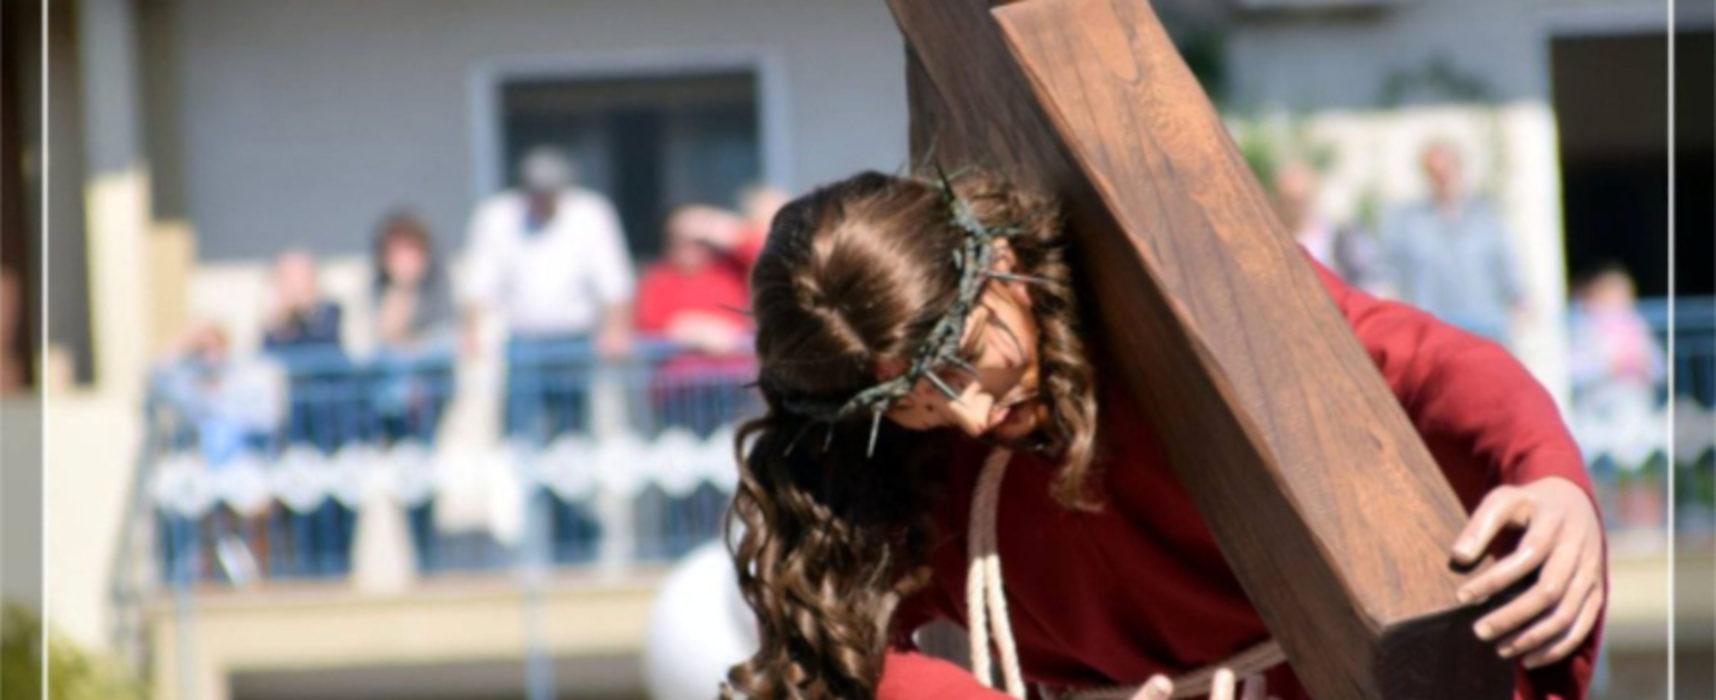 Settimana santa, il calendario degli eventi religiosi e liturgici